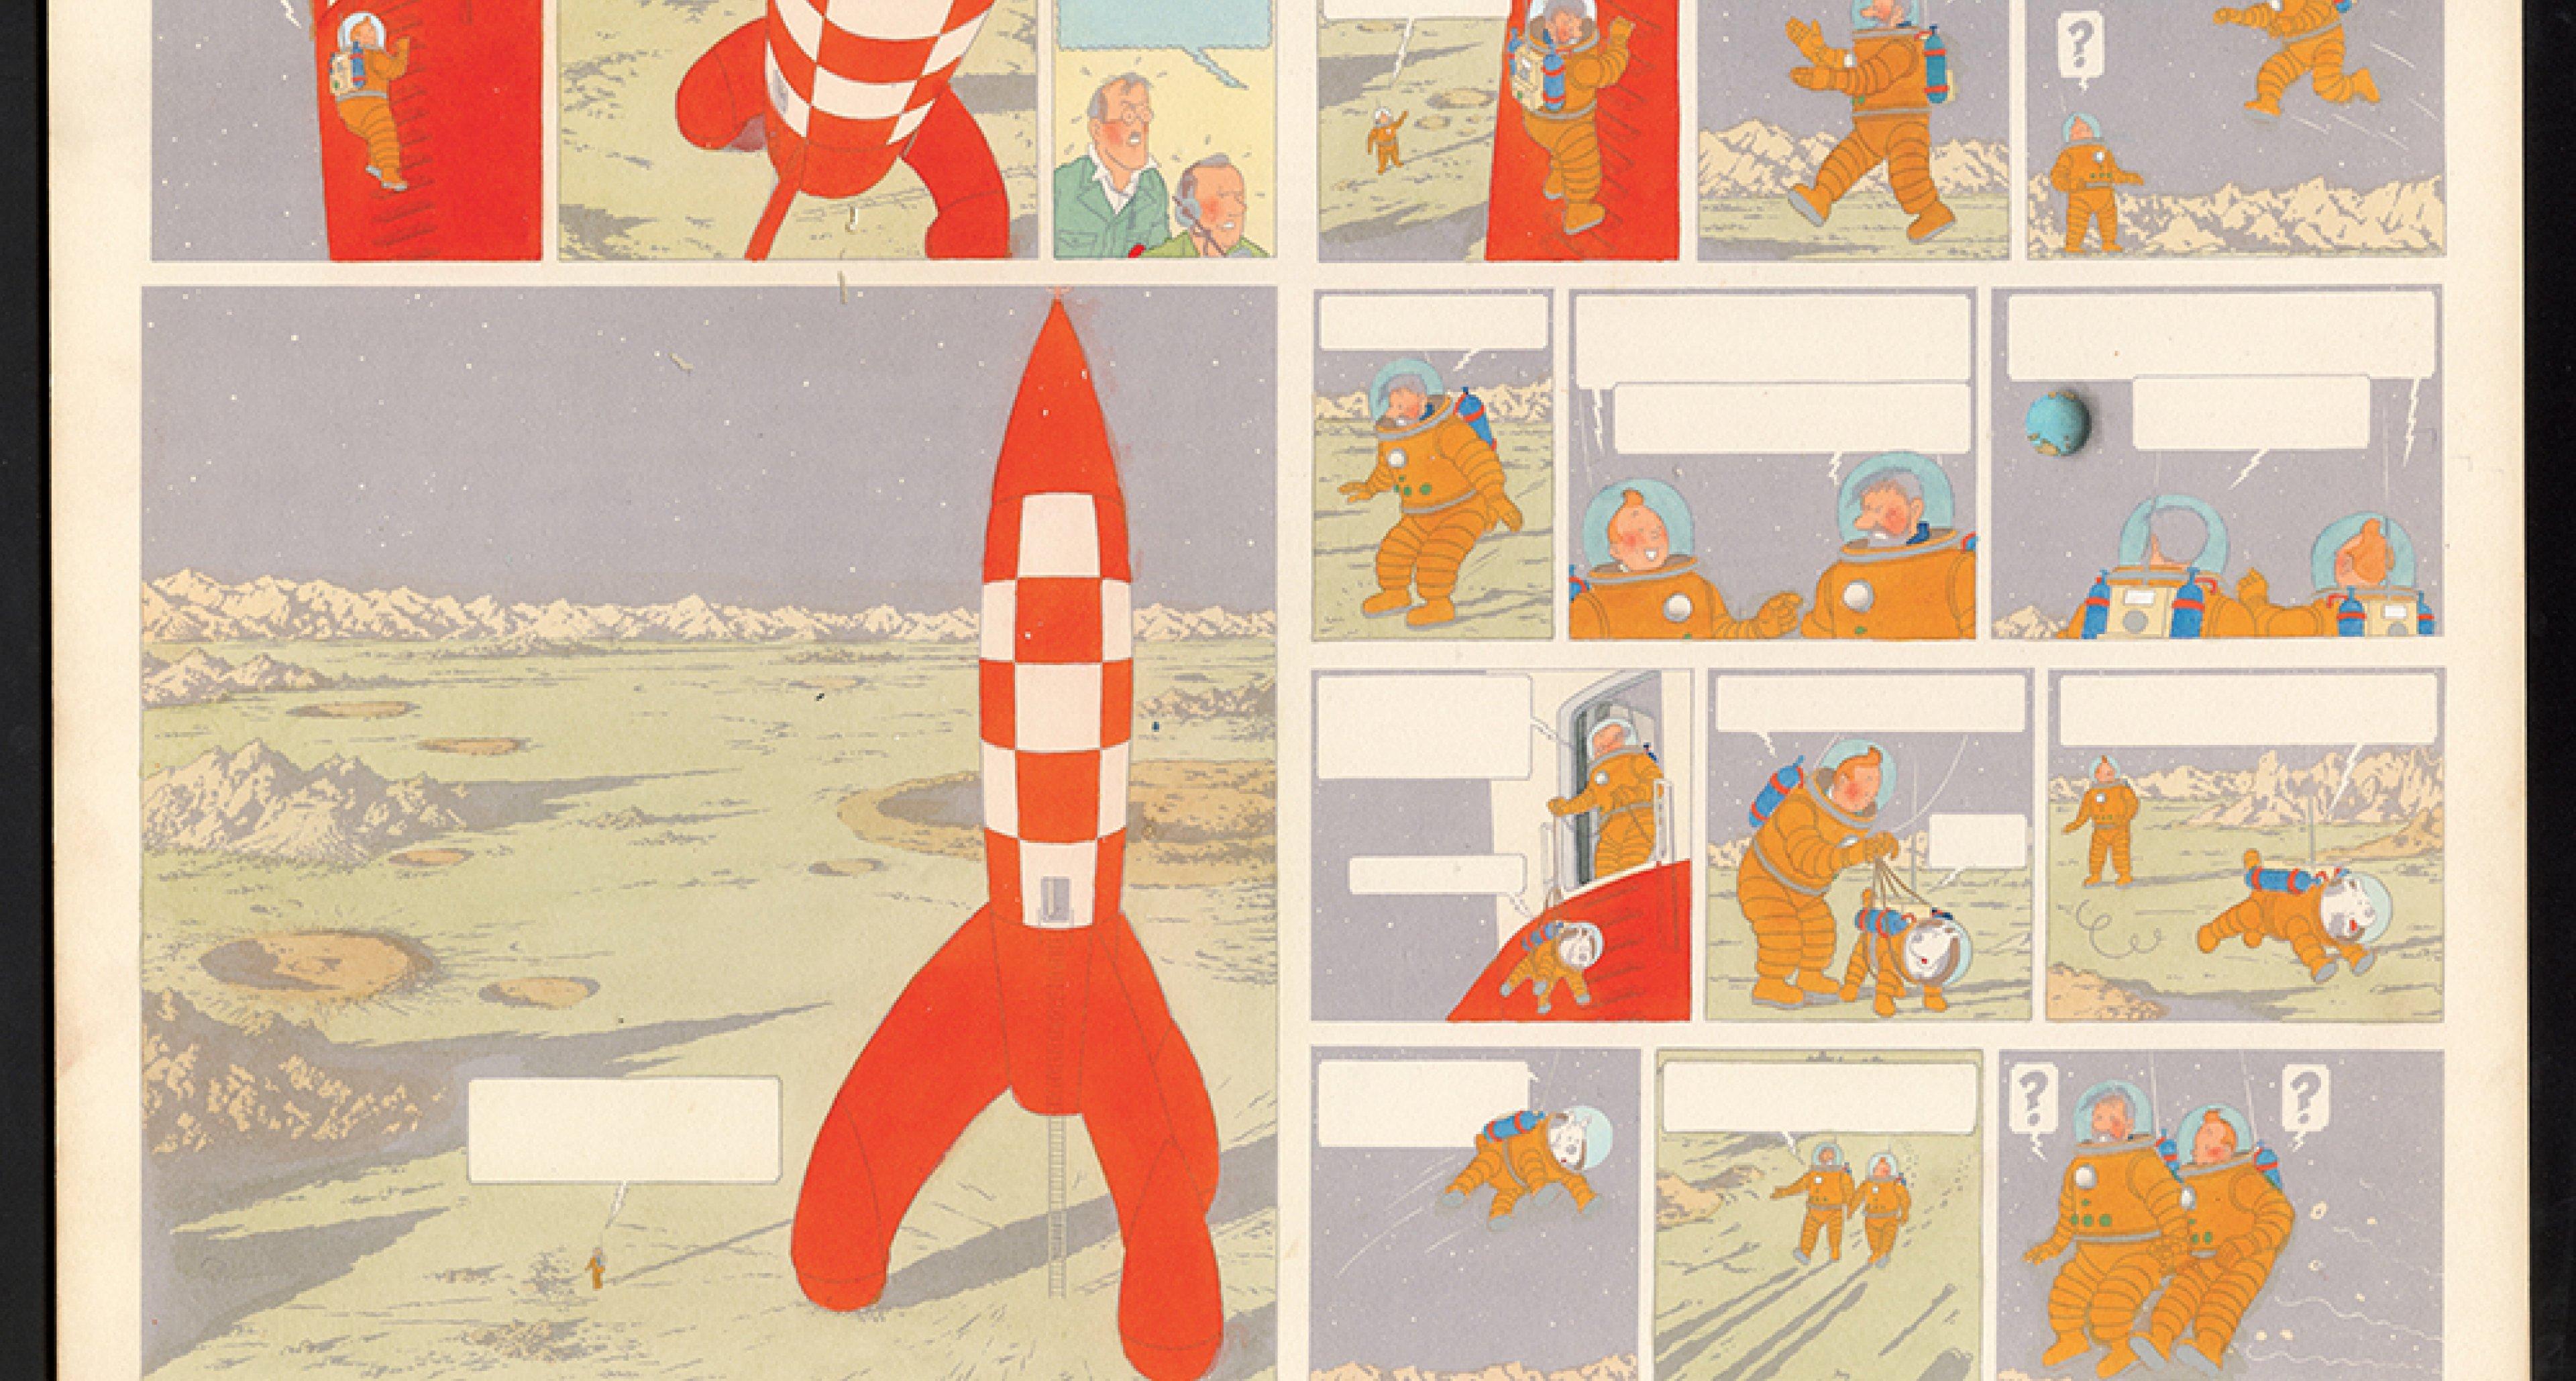 """Hergé """"Les Aventures de Tintin - On a marché sur la Lune"""" 1954. © Hergé/Moulinsart 2016"""